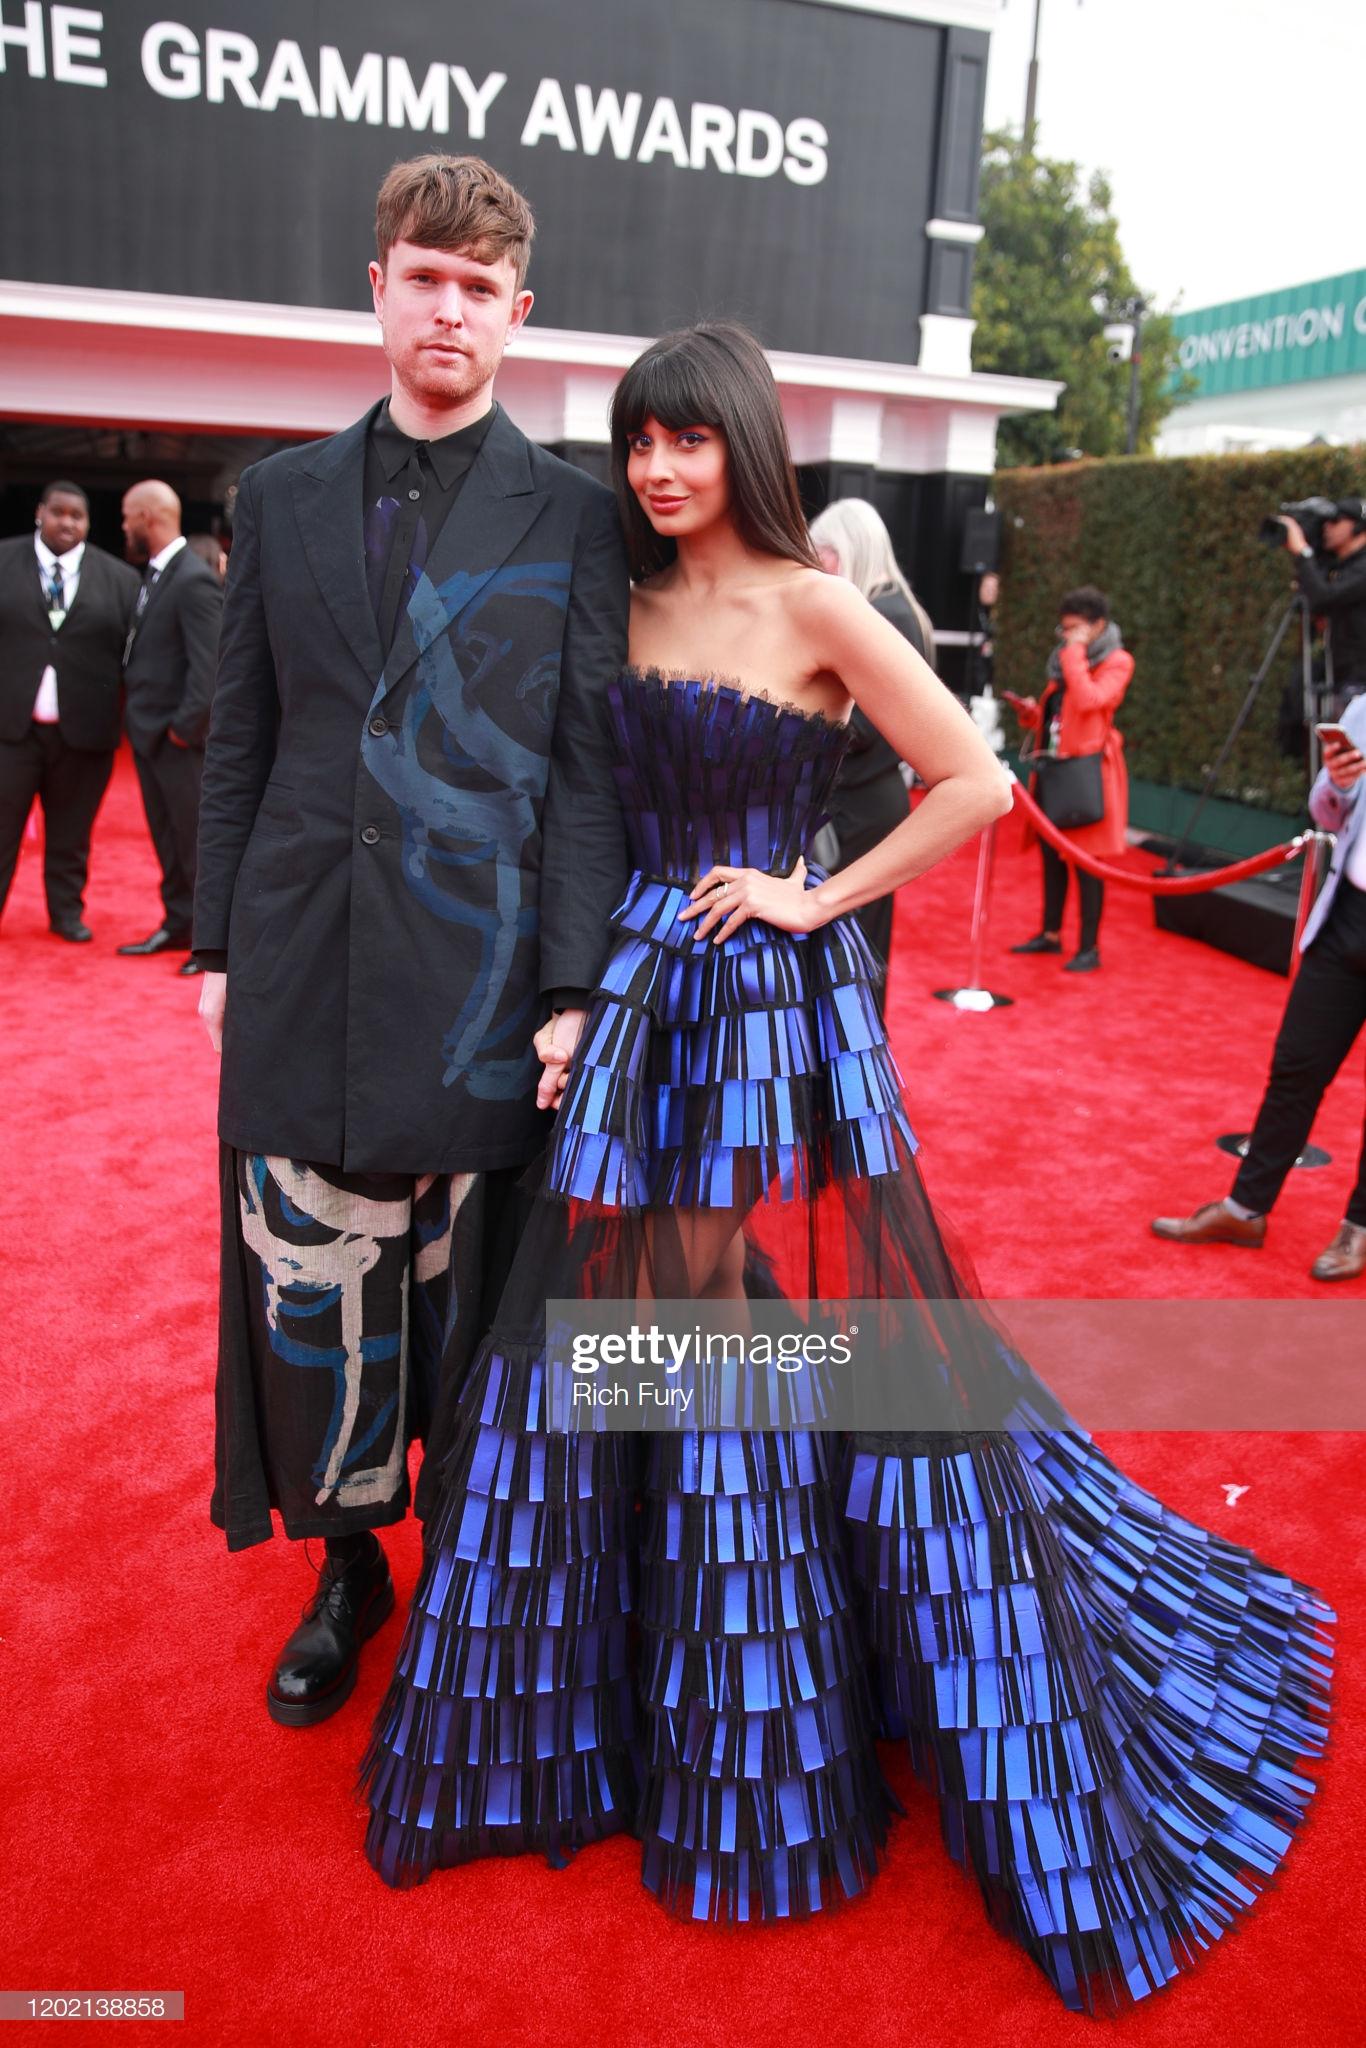 James Blake và Jameela Jamil với trang phục đẹp mắt